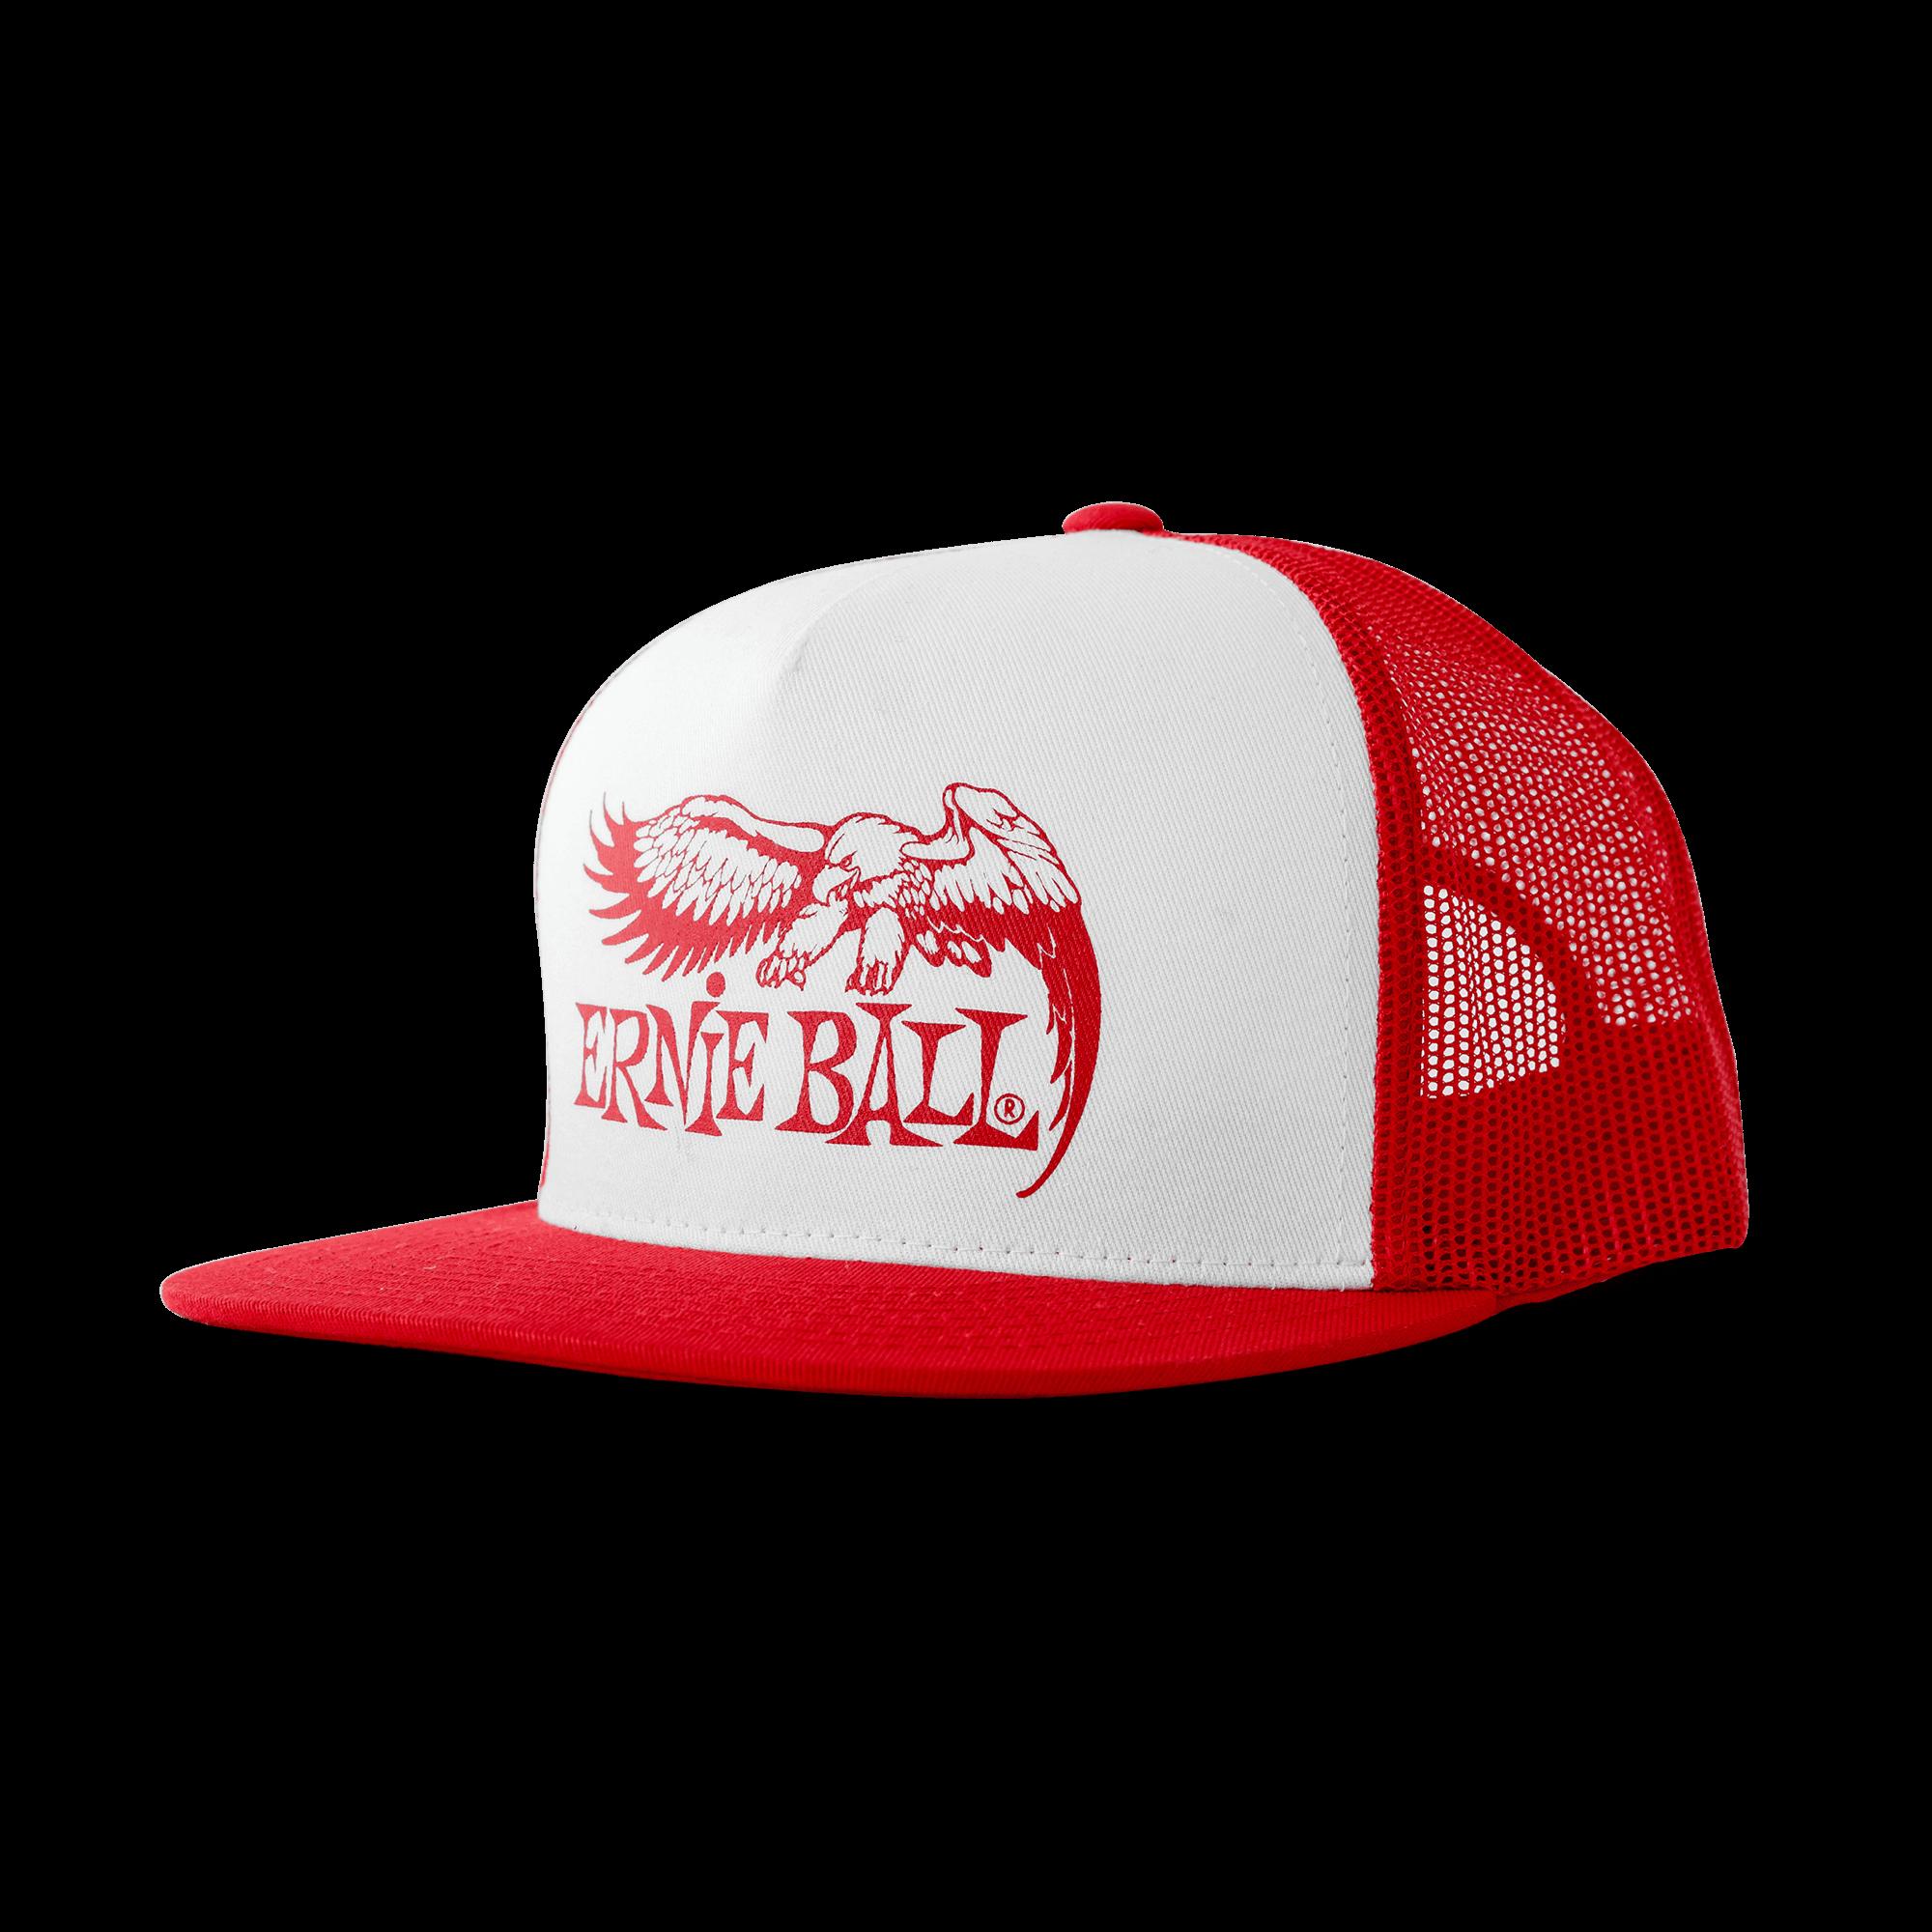 b398c11f0b3 Ernie Ball Eagle Logo Hat